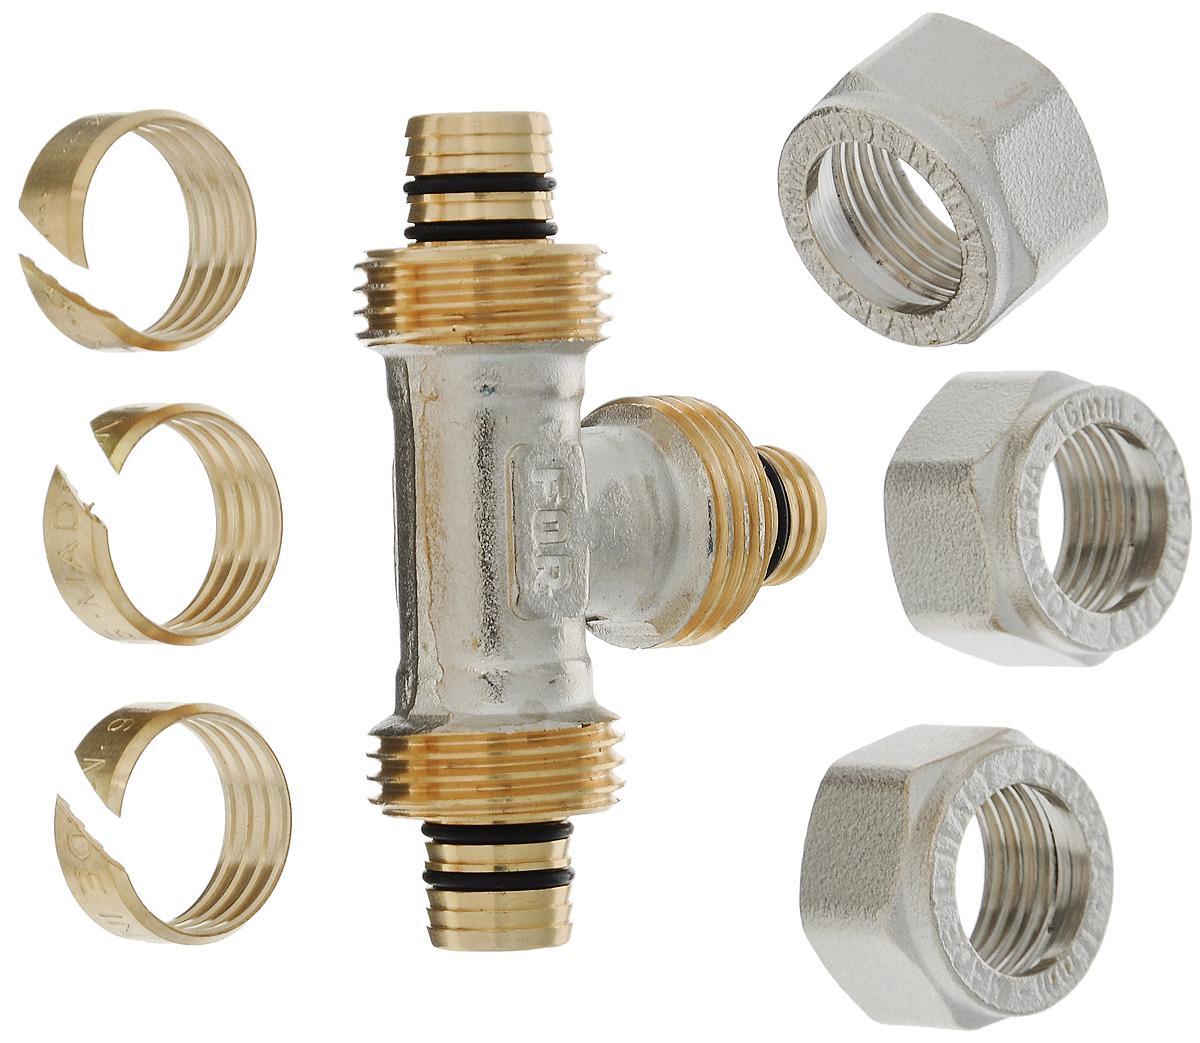 Тройник Fornara, ц - ц - ц, 16 х 2,08290038Тройник Fornara - это фитинг для металлопластиковых труб систем отопления, водоснабжения, технологических установок. Предназначен для соединения металлополимерных труб на основе обычного, сшитого или термоустойчивого полиэтилена и может применяться в инженерных и технологических системах с рабочей температурой до 115 °С.